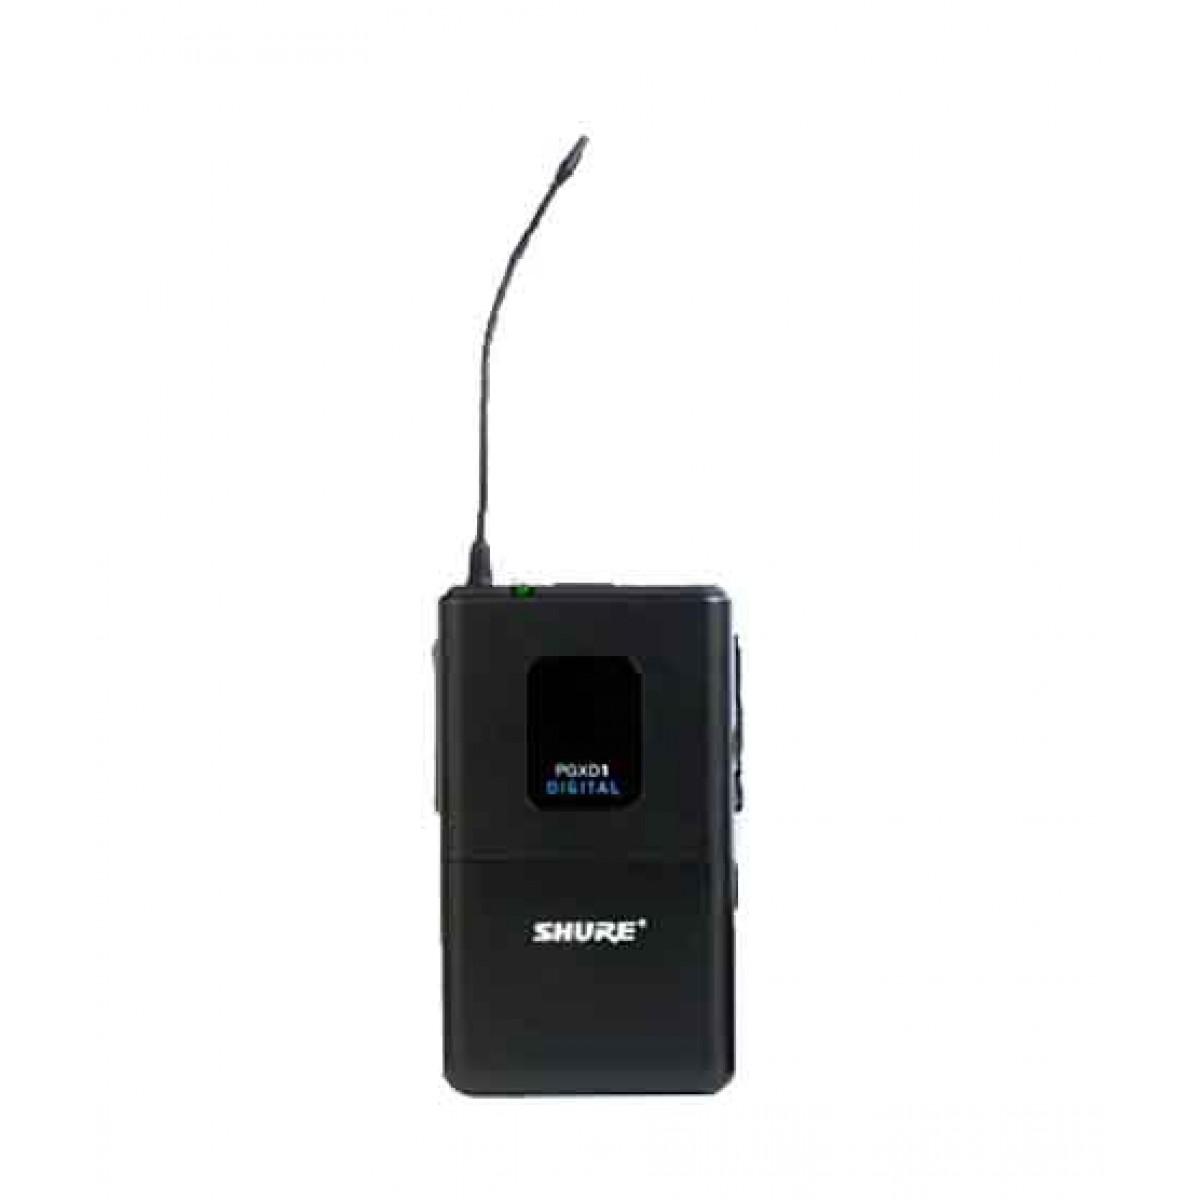 Shure Bodypack Transmitter (PGXD1)